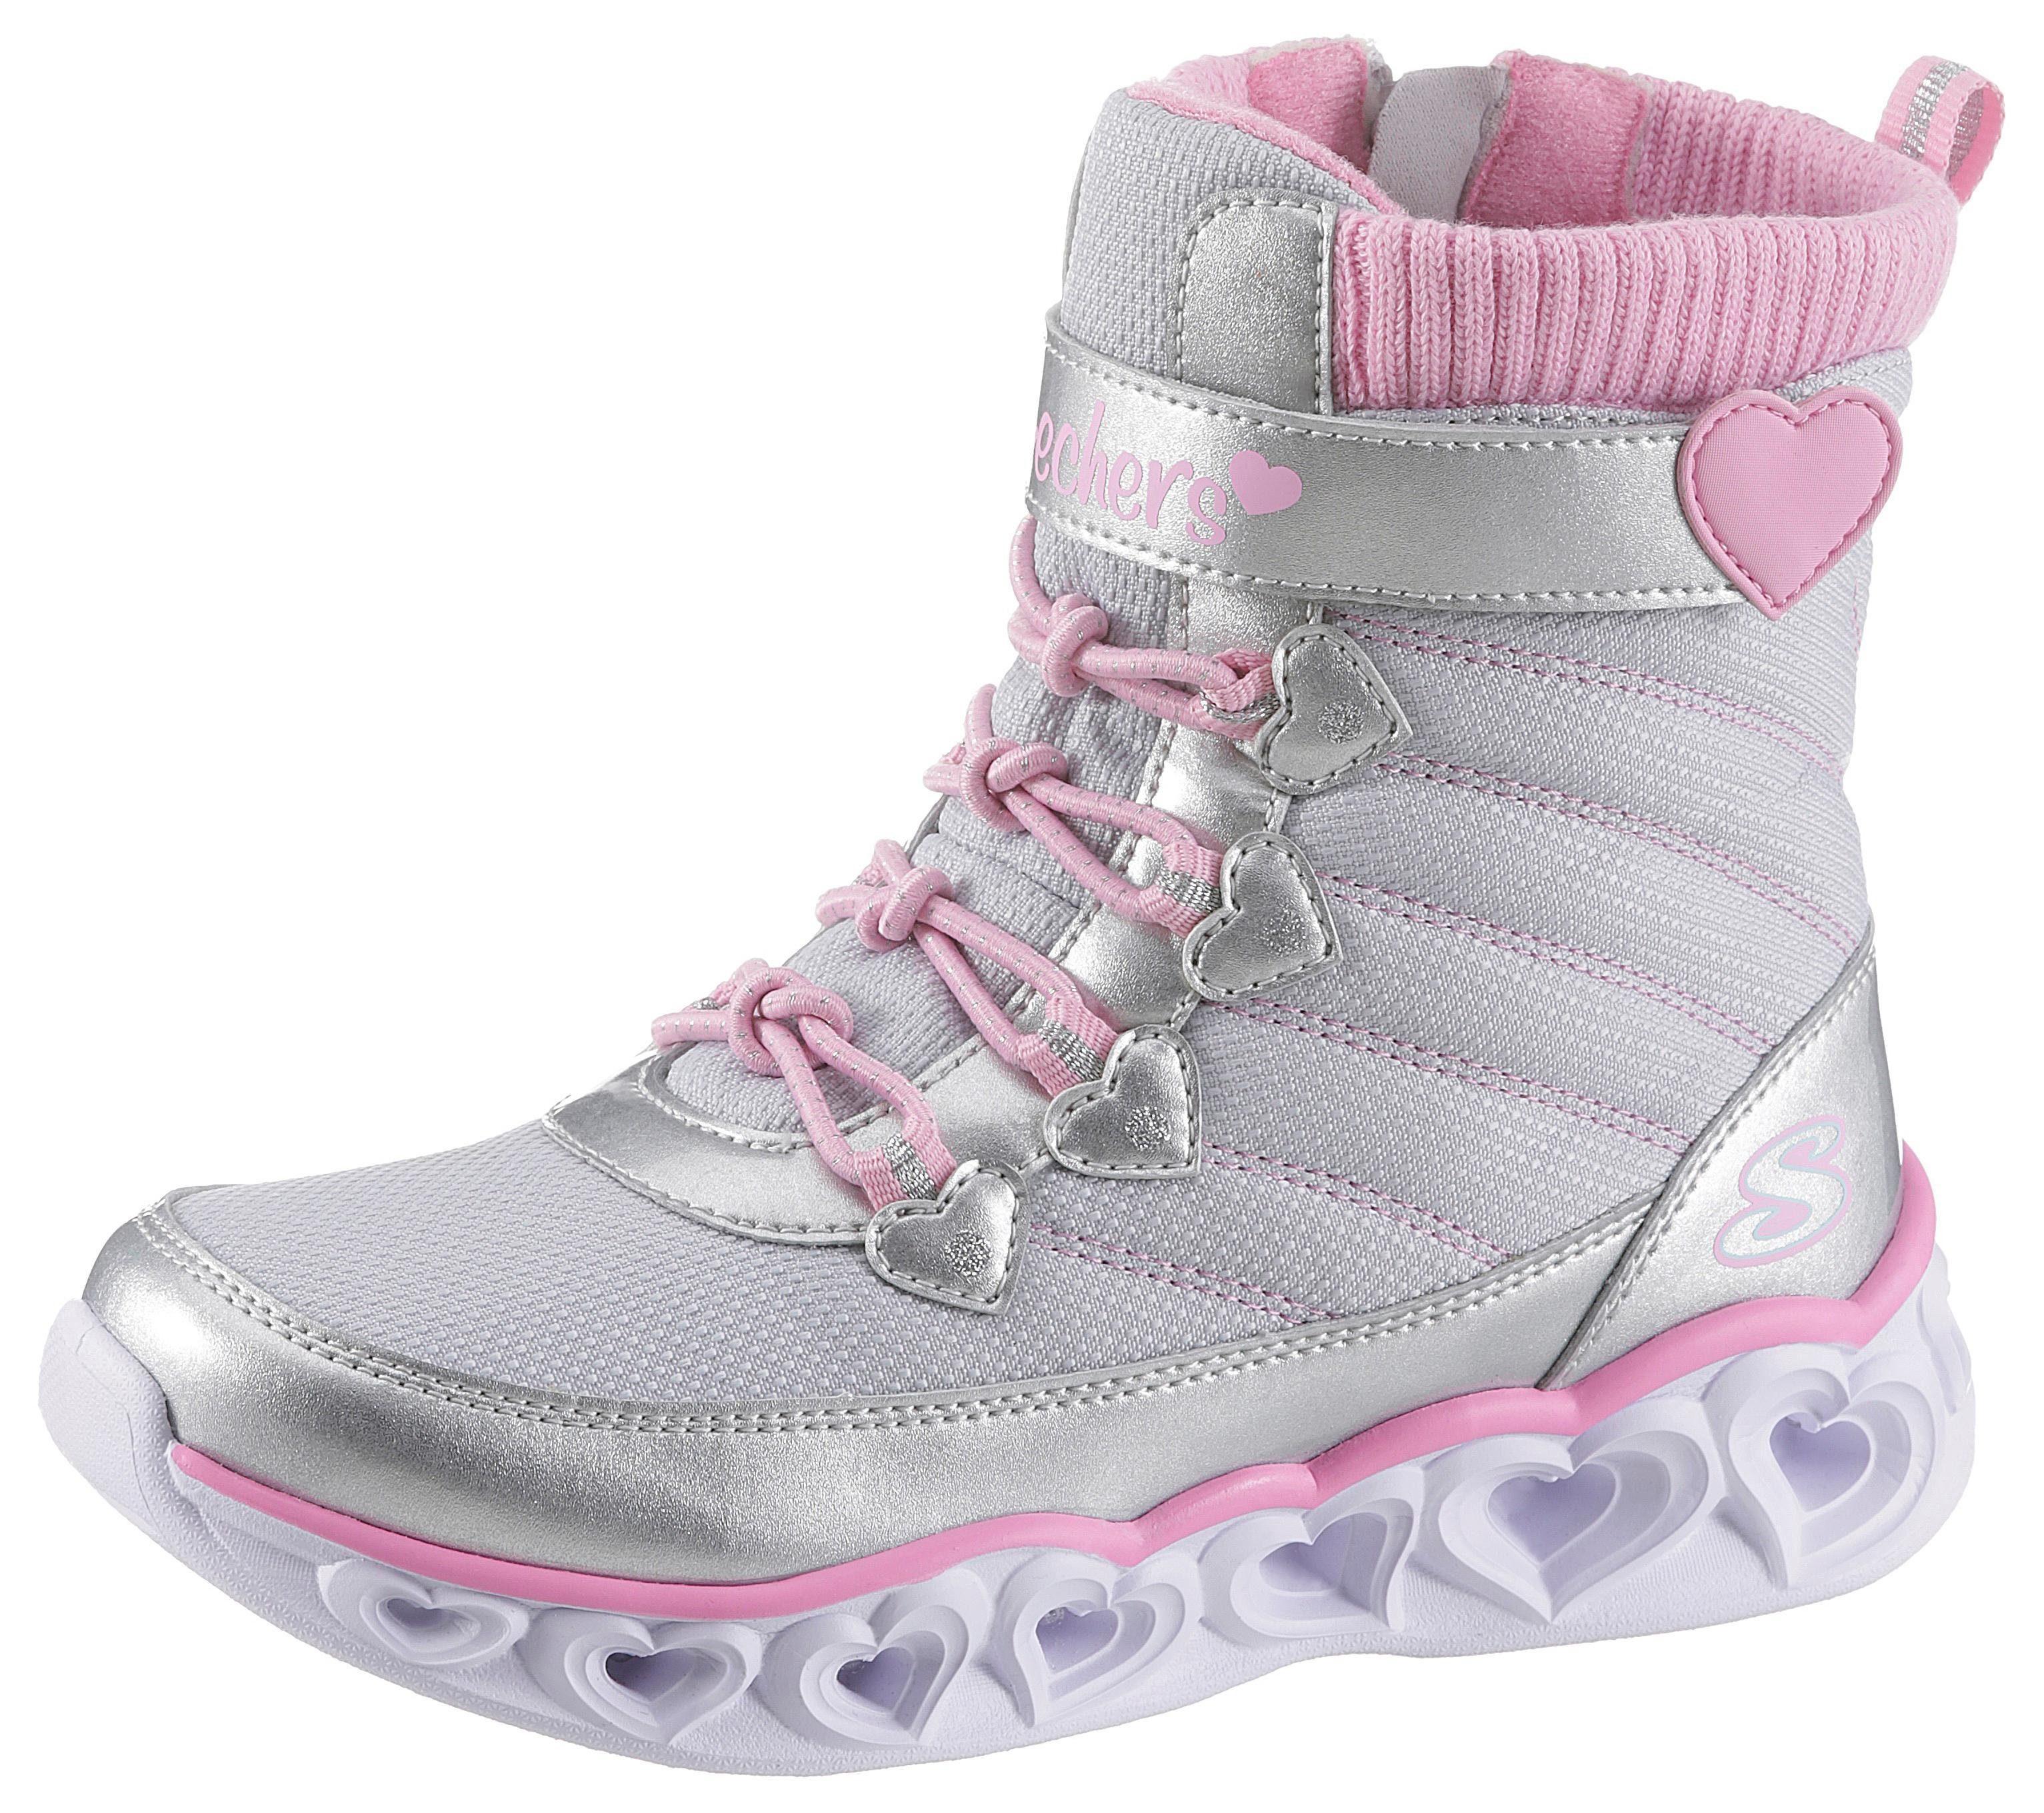 Skechers Kids »Heart Lights« Sneaker mit Herzchen Blinkfunktion online kaufen | OTTO